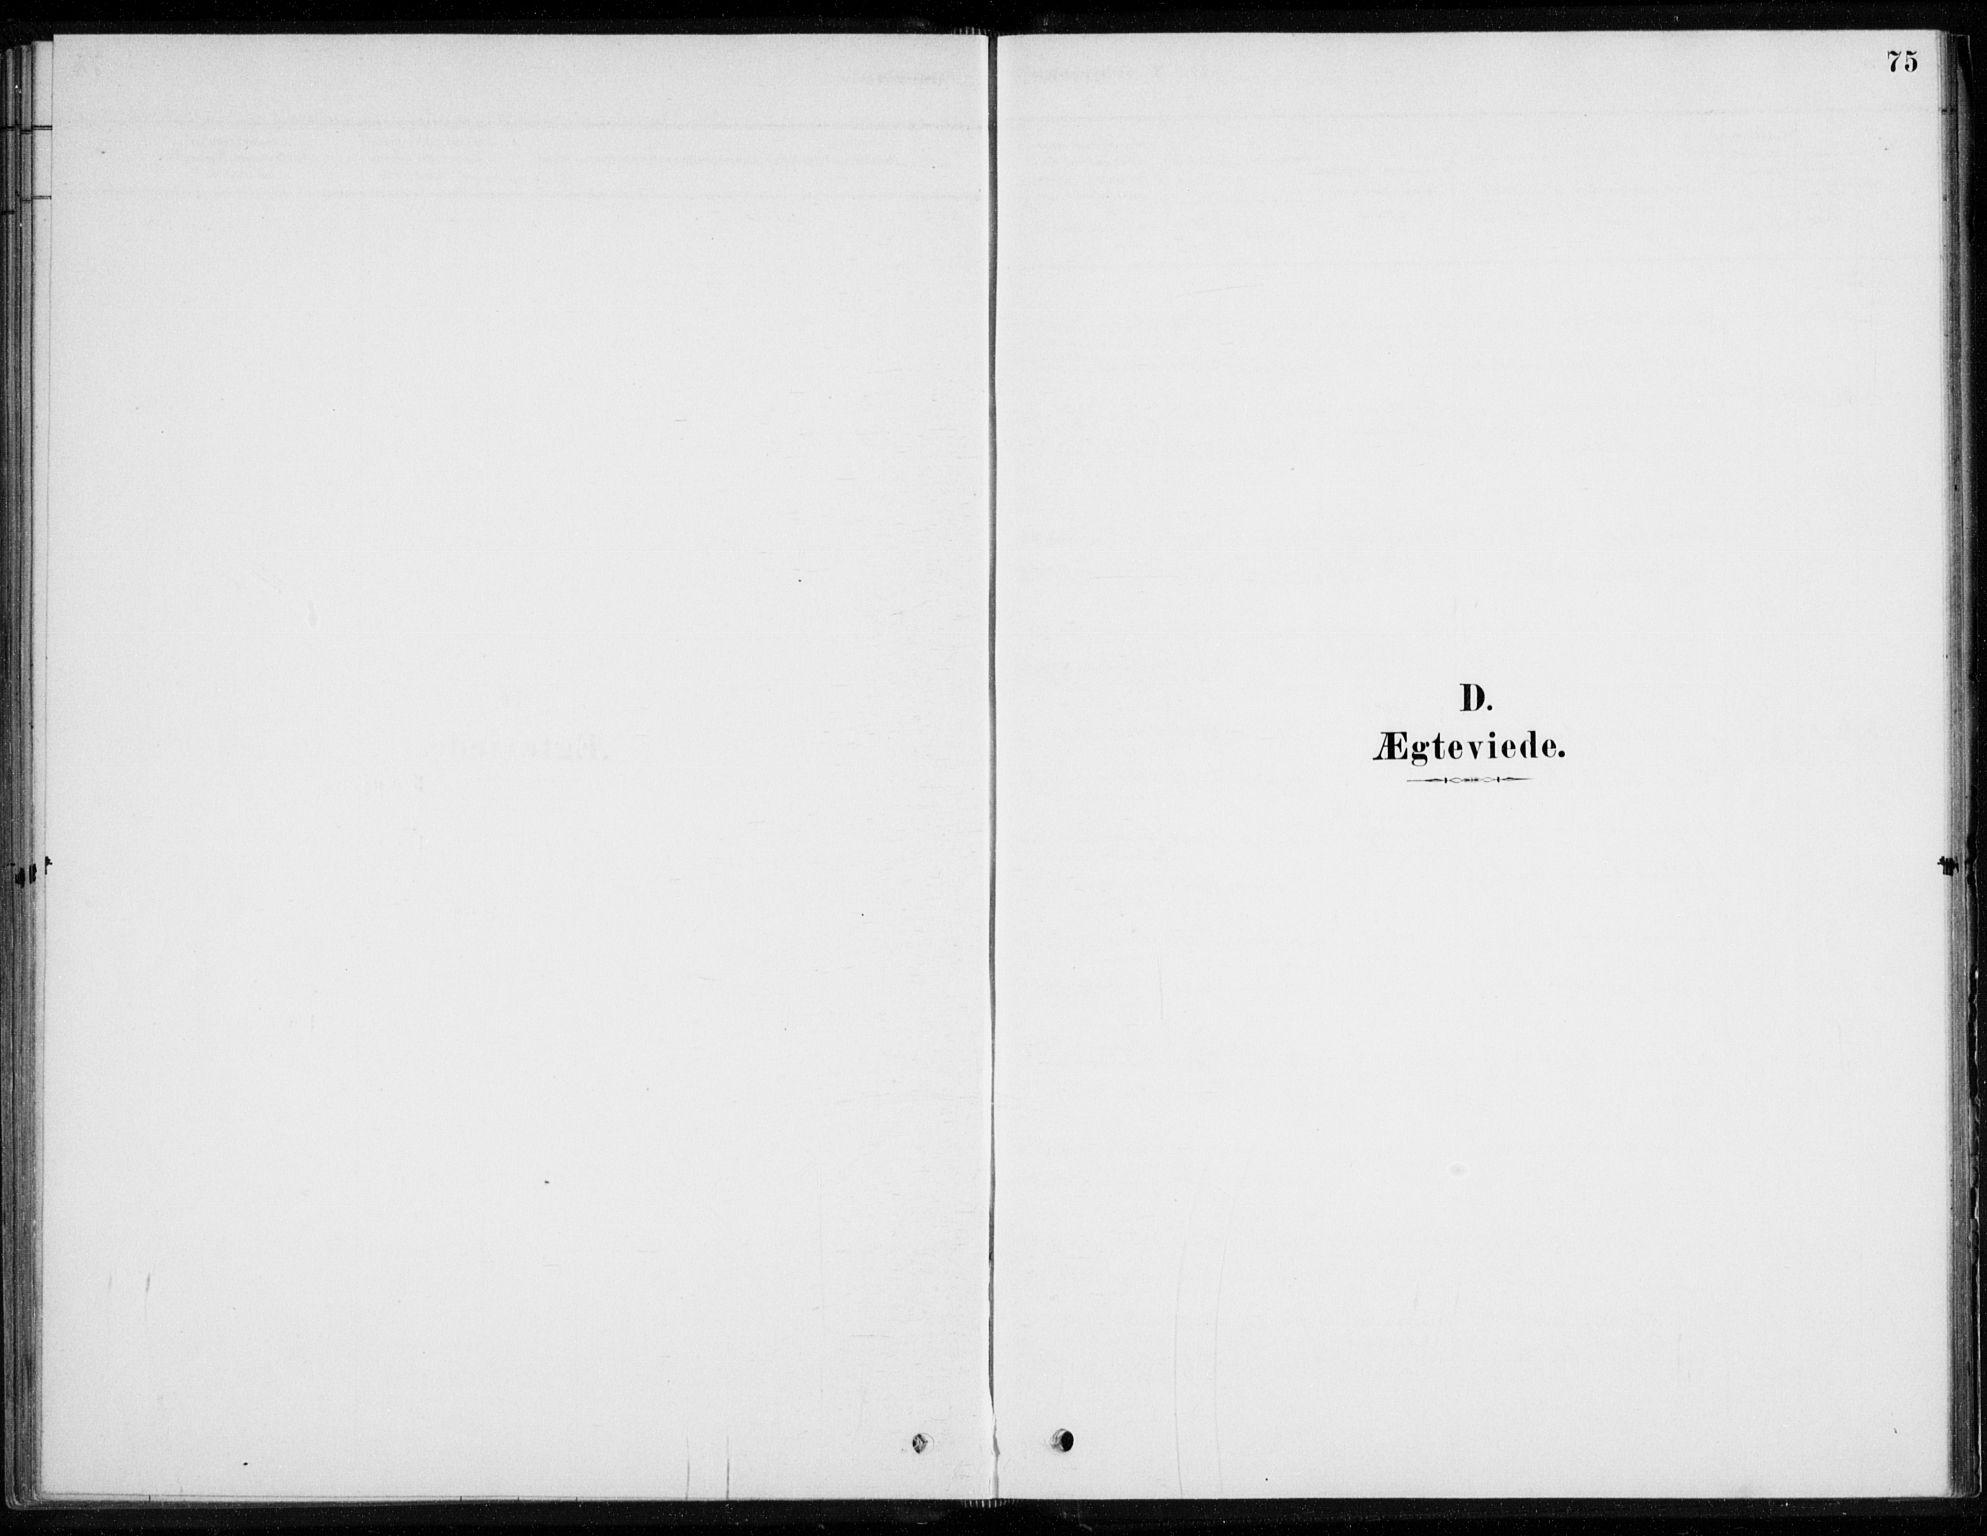 SAKO, Åssiden kirkebøker, F/Fa/L0001: Ministerialbok nr. 1, 1878-1904, s. 75